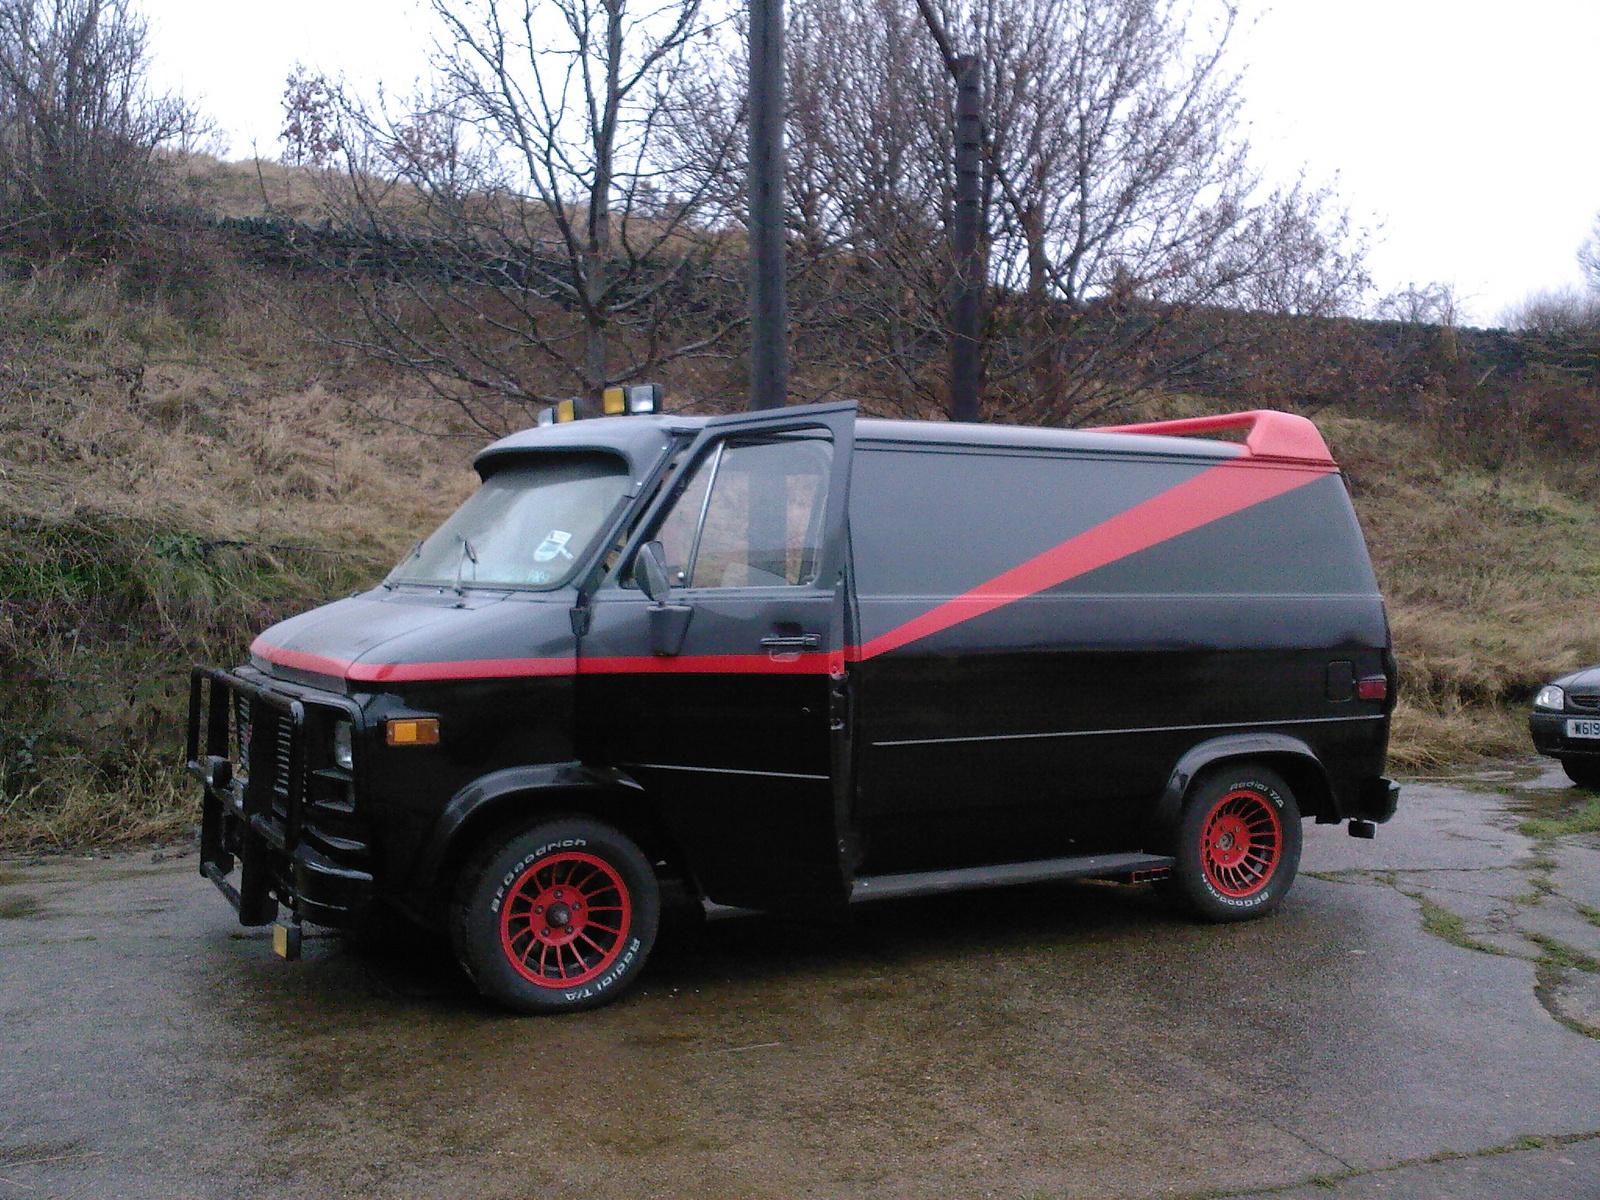 1990 gmc vandura 2500 towing capacity